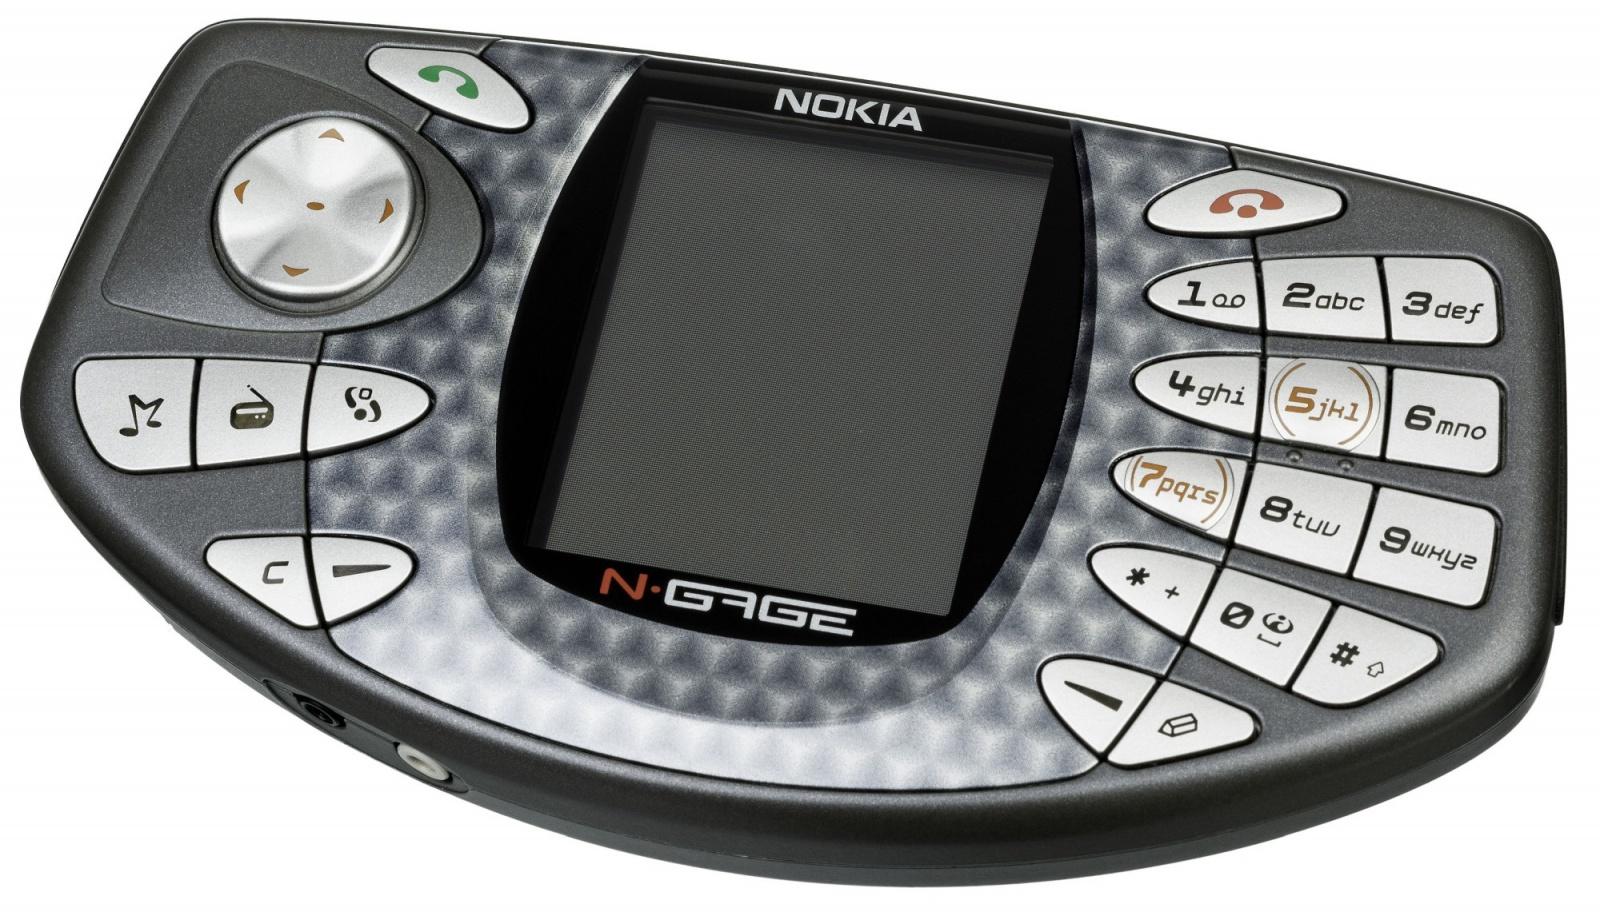 Древности: когда телефоны были странными - 7